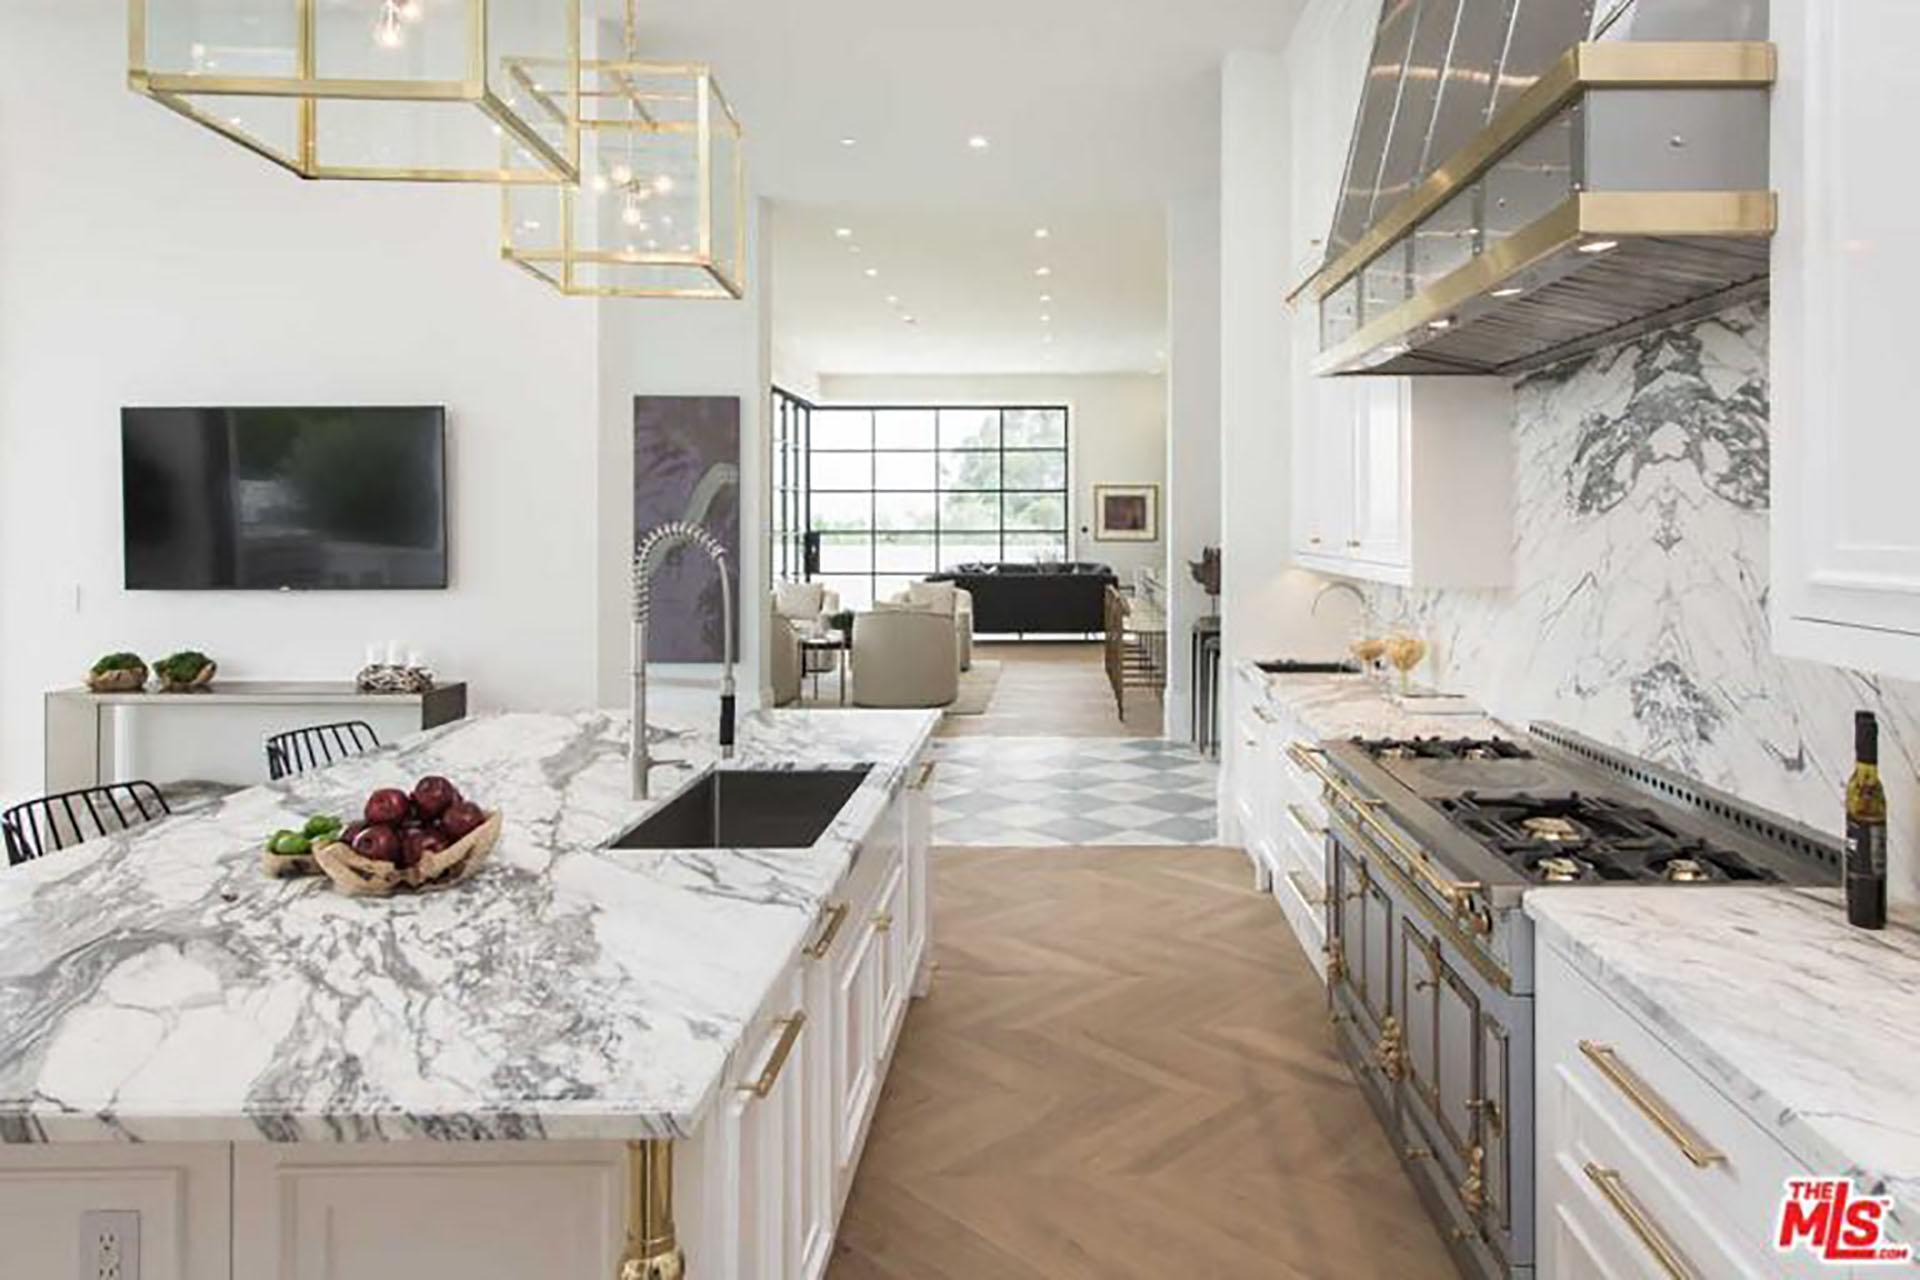 (MLS) La cocina bañada en mármol con detalles de madera de roble española